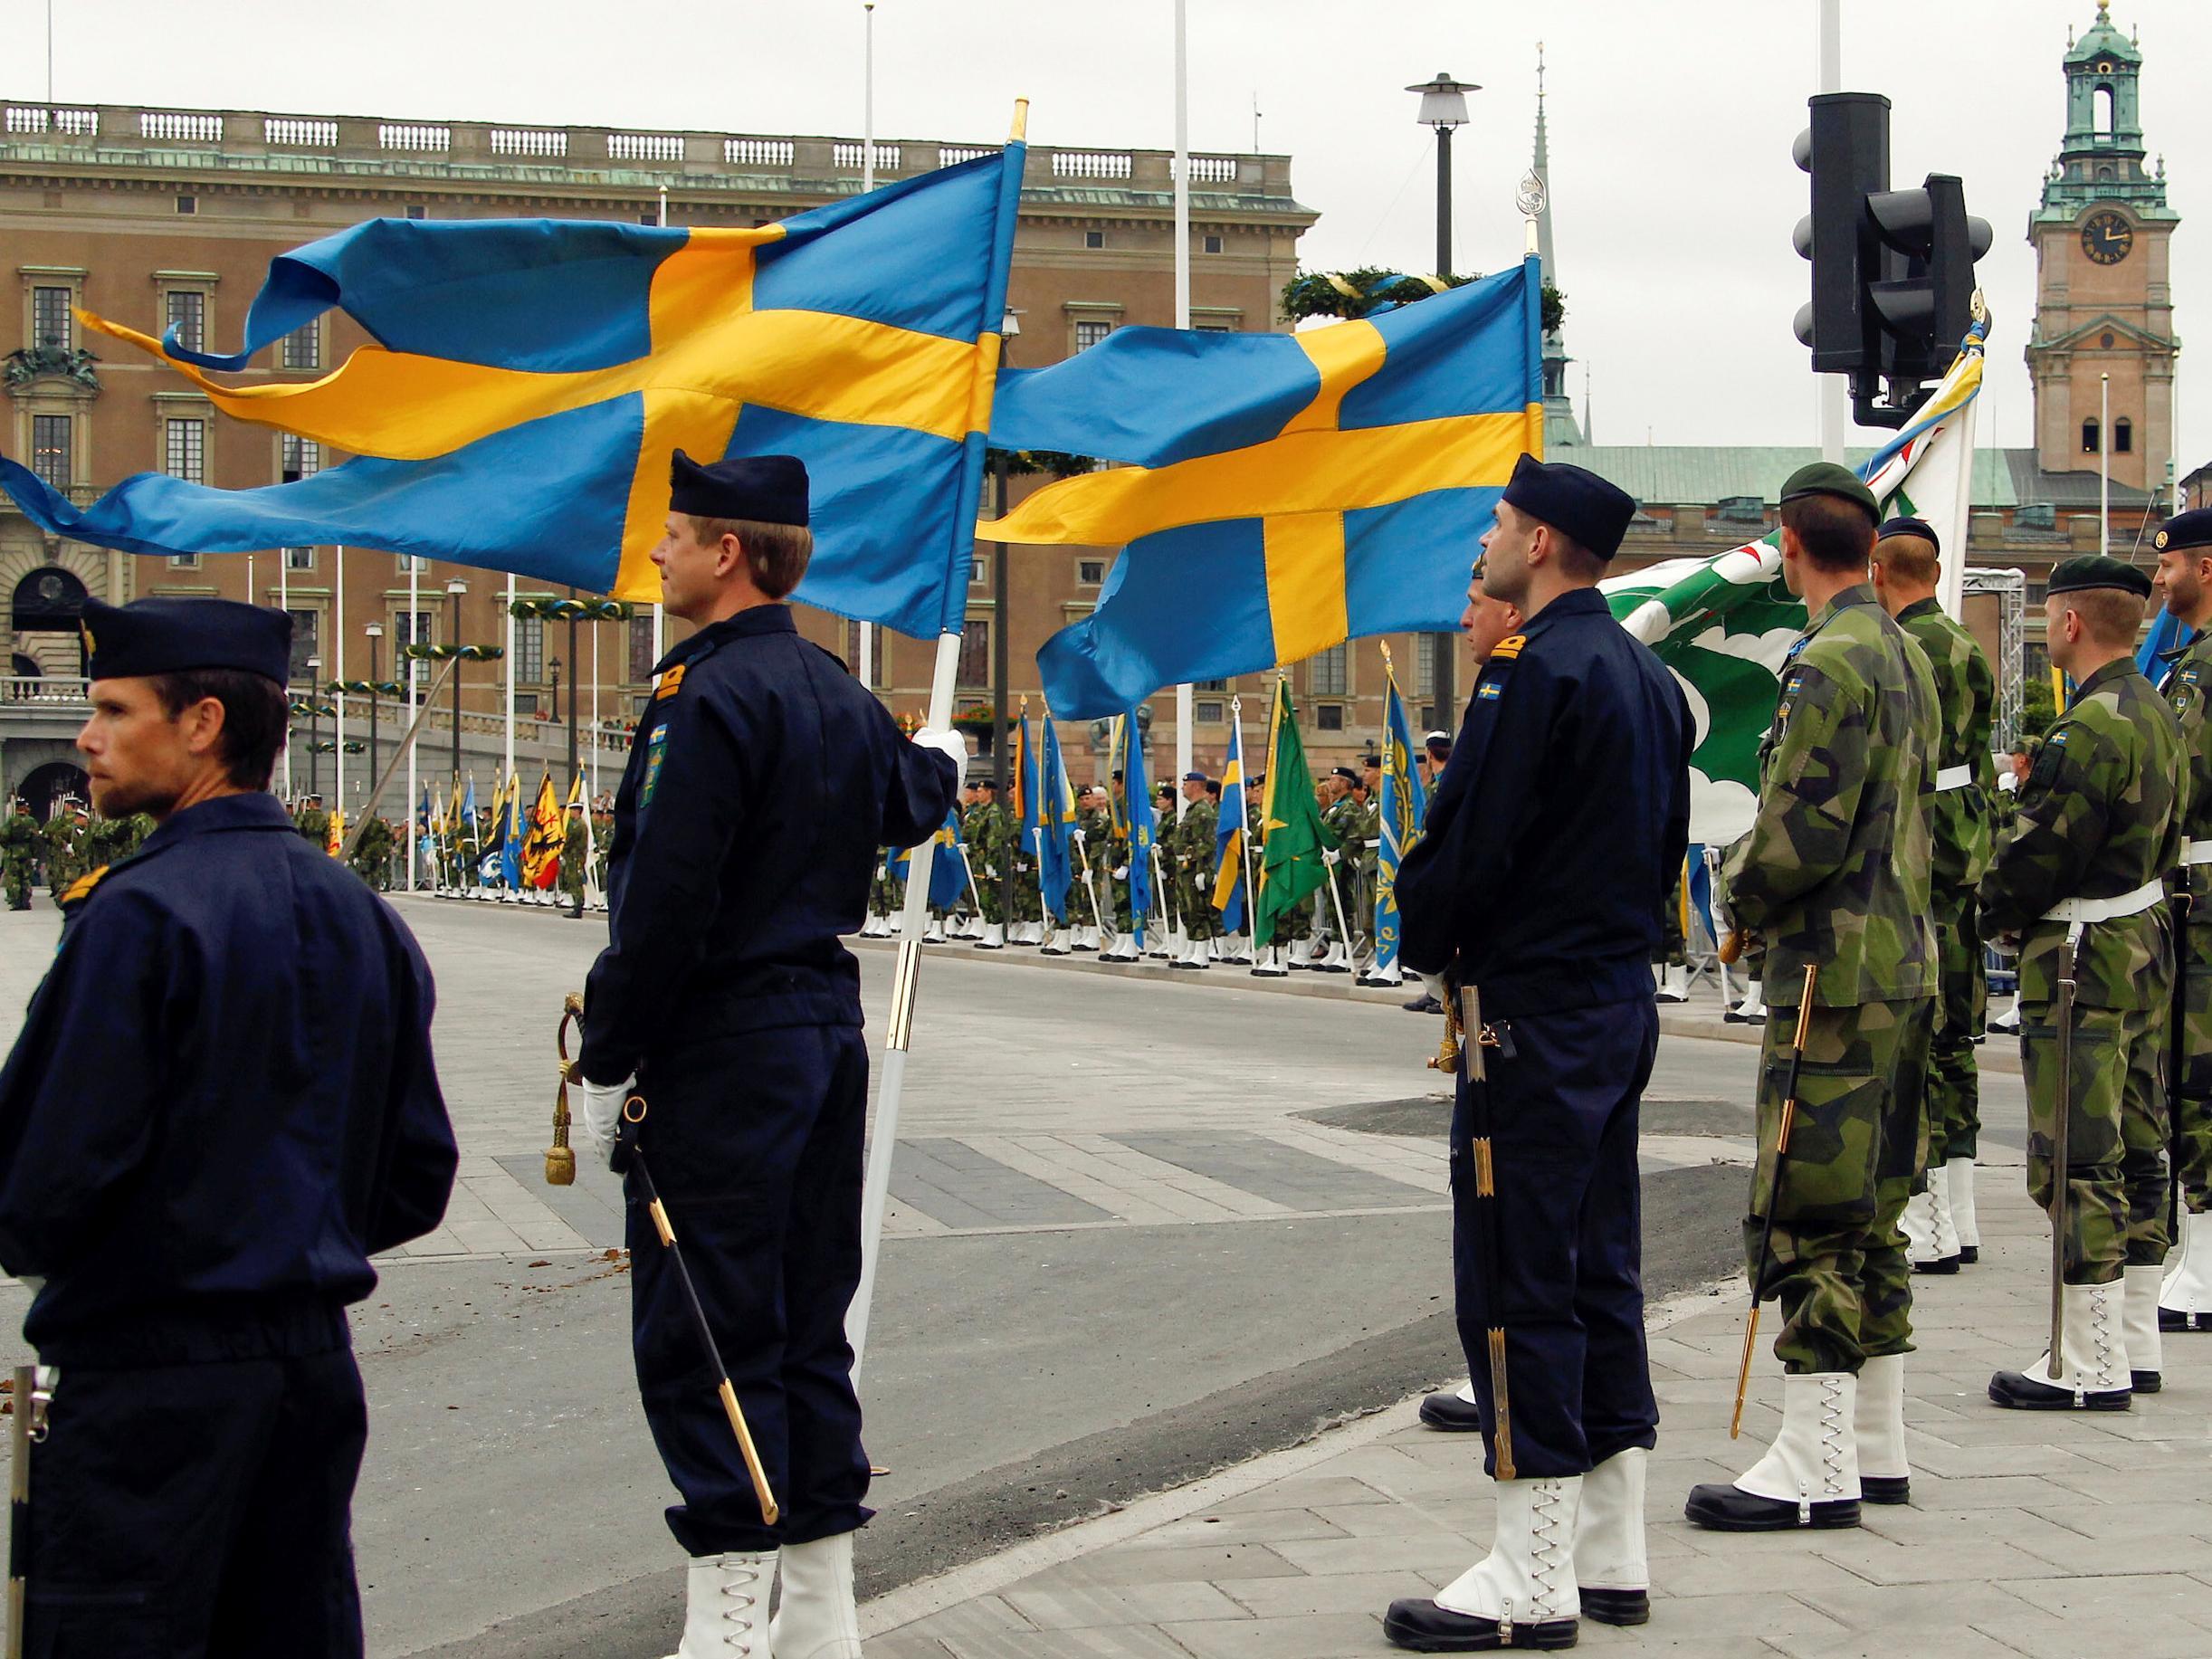 Svezia, psicosi guerra imminente: una guida alle famiglie